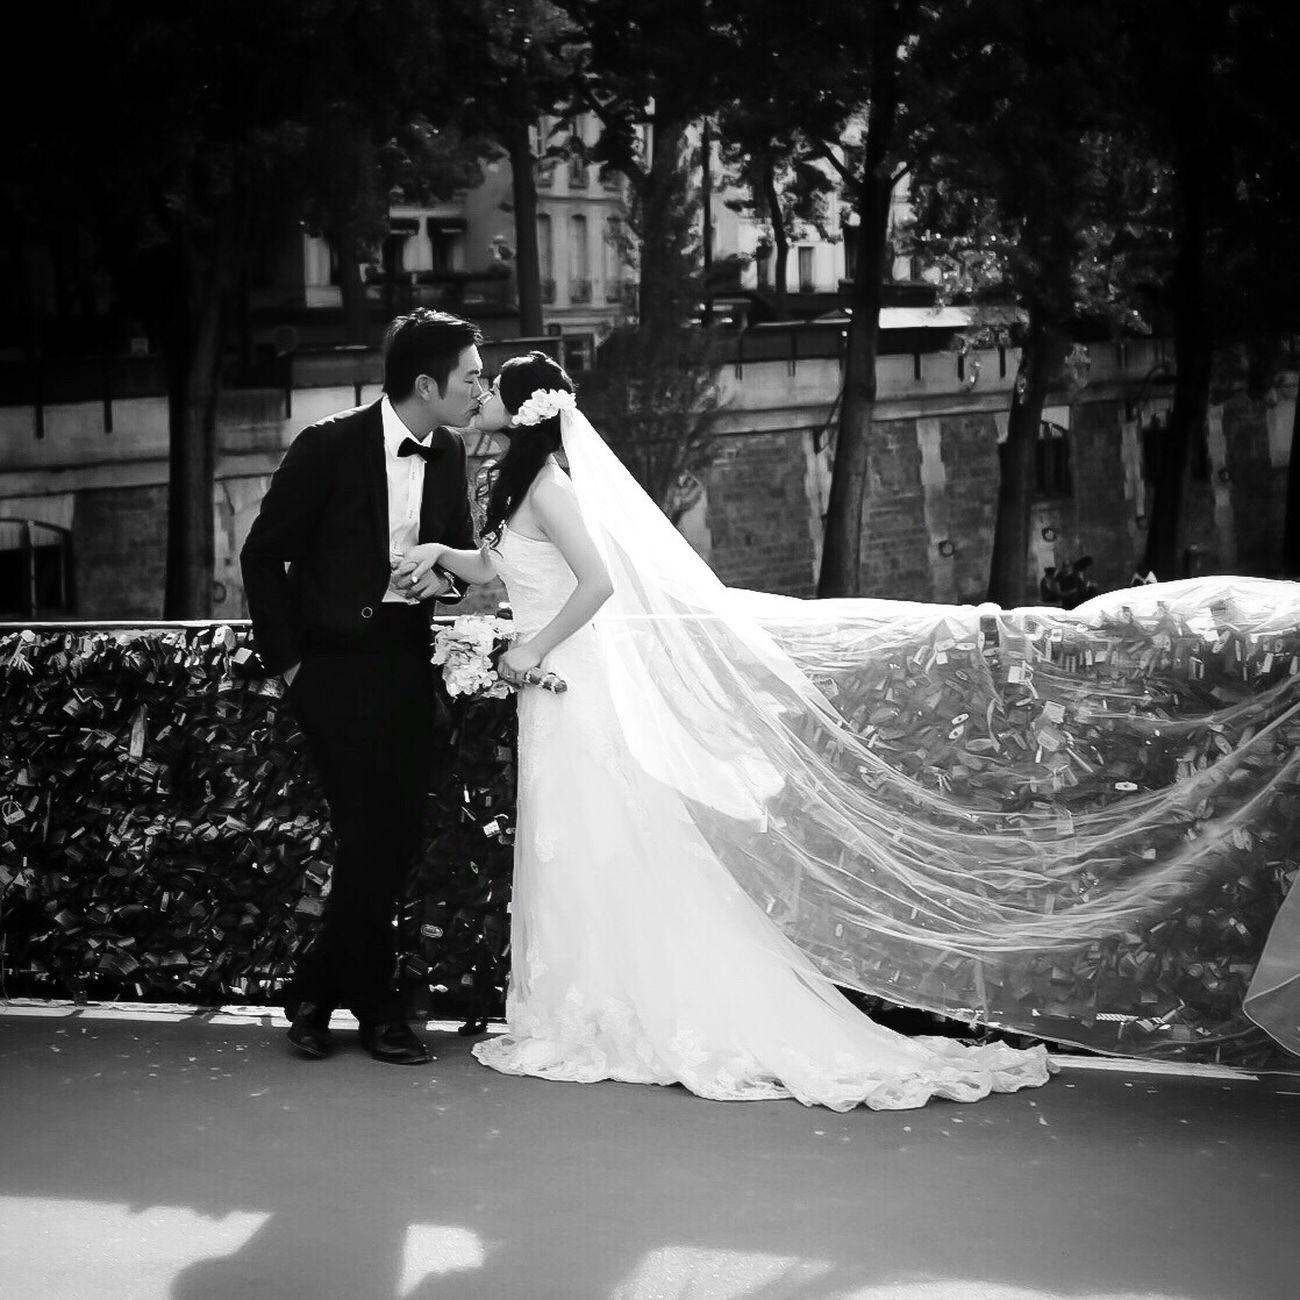 Happy Valentines Day! Bonsoir Paris! Valentines Day Valentine Bride Wedding EyeEm Best Shots Paris Paris ❤ Photooftheday Parisweloveyou EyeEm Bnw Bnw_life Bnw_captures Bnw_collection